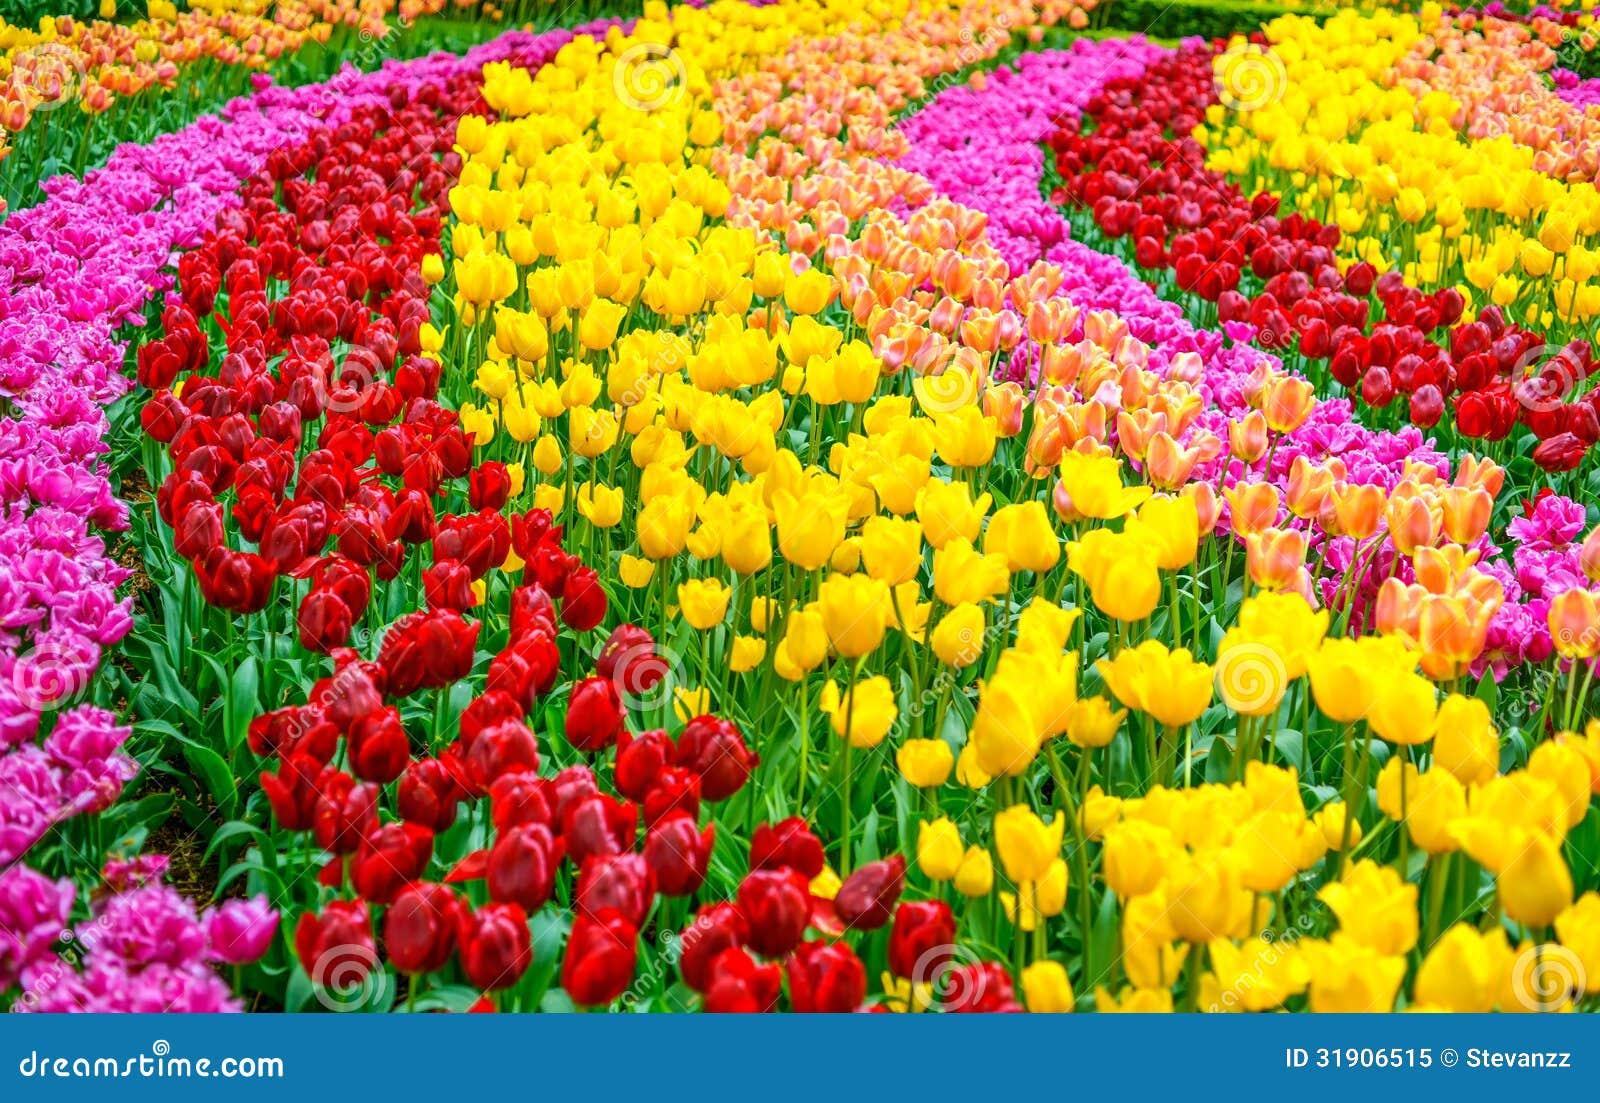 郁金香五颜六色的花园在春天背景,样式或者纹理中.